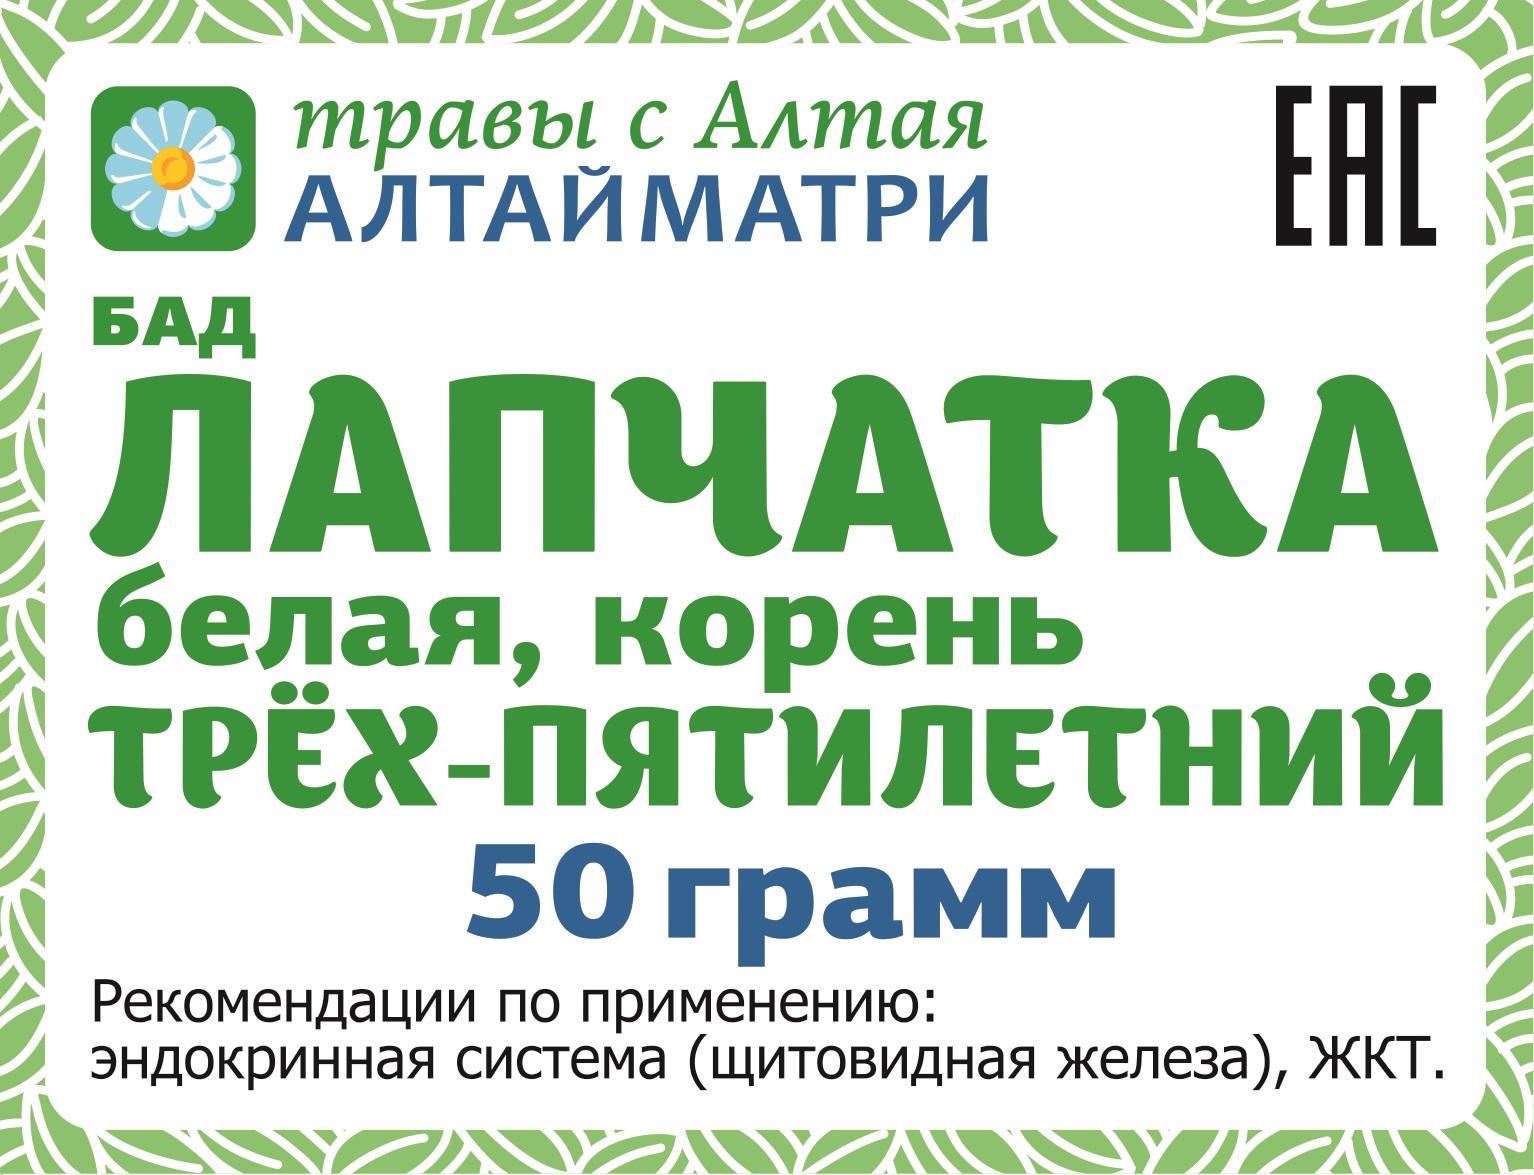 lapchantka